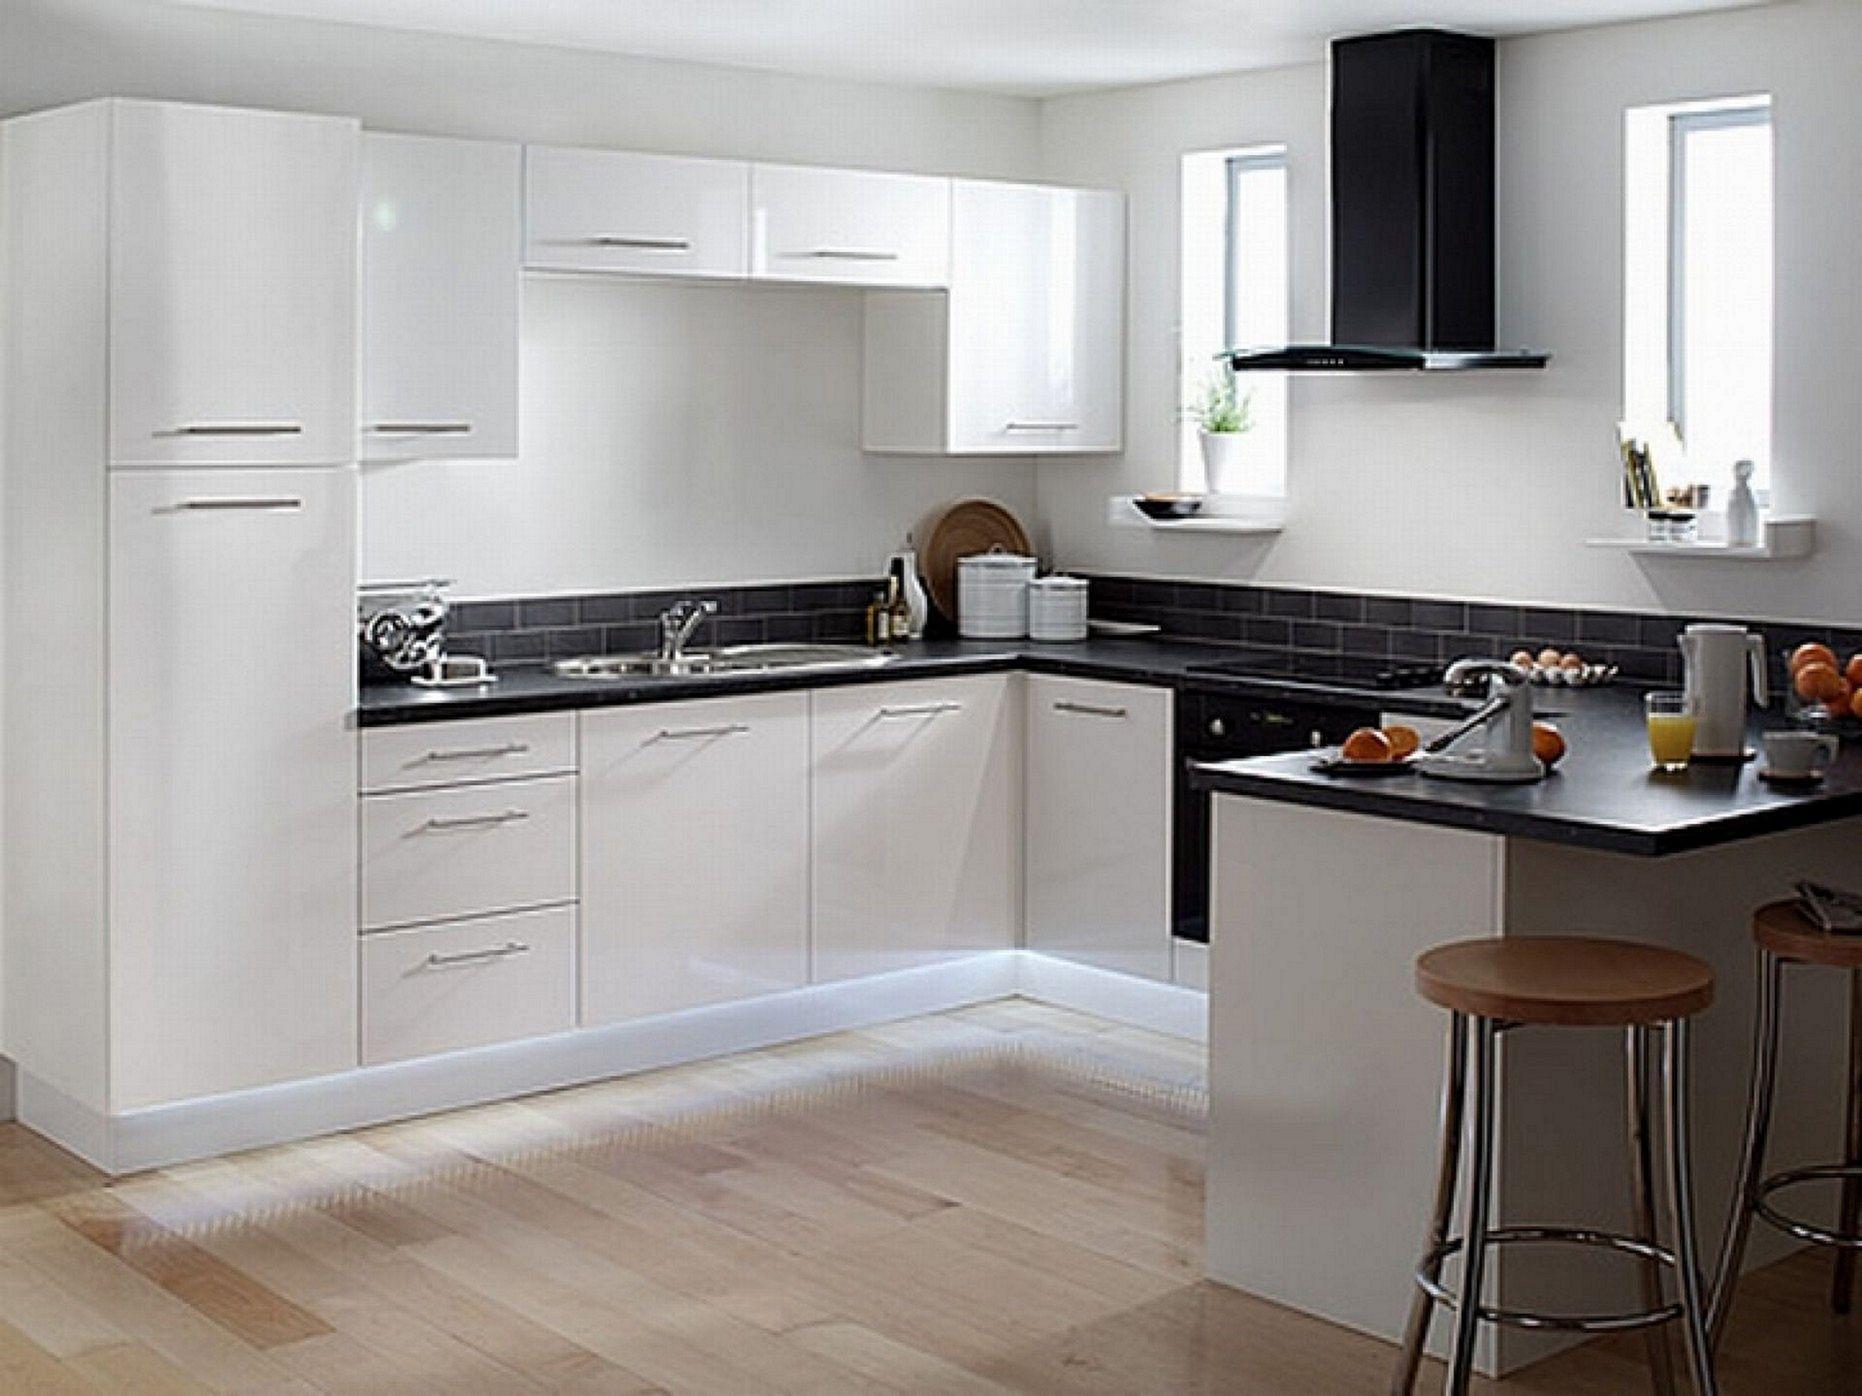 Elegant 25 White Kitchen Cabinet For Kitchen Looks More ...